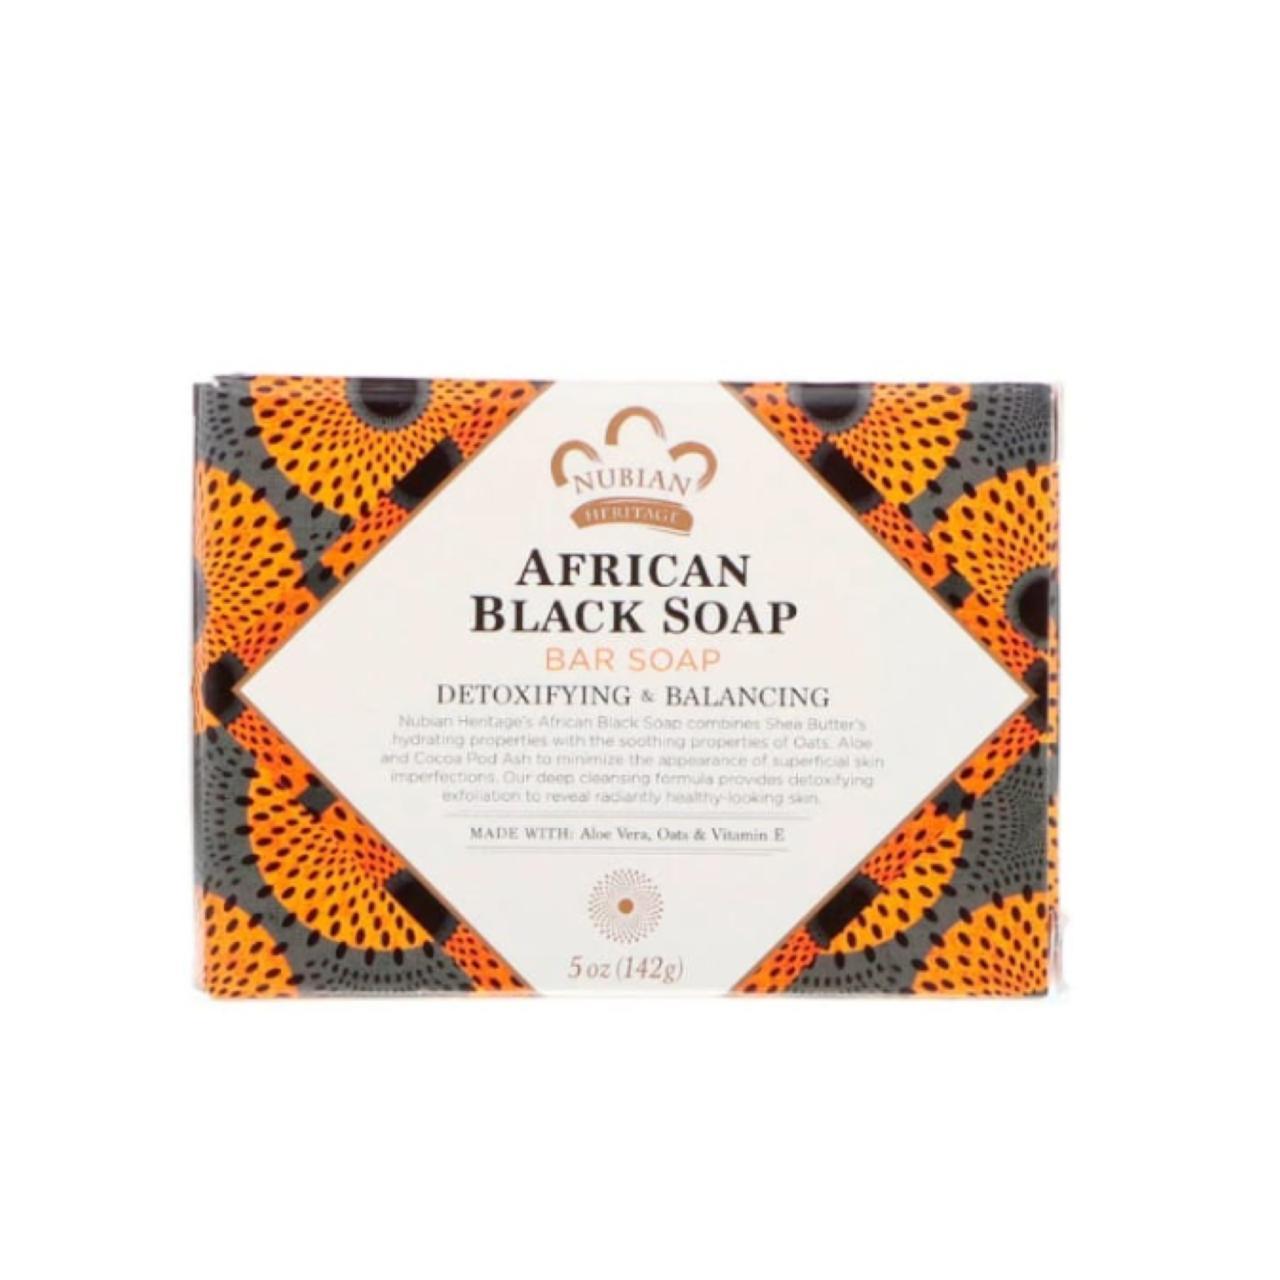 Nubian Heritage, черное африканское кусковое мыло. Очищает кожу до скрипа, отшелушивает и выводит токсины. Но при этом еще и питает ее – спасибо маслу ши в составе